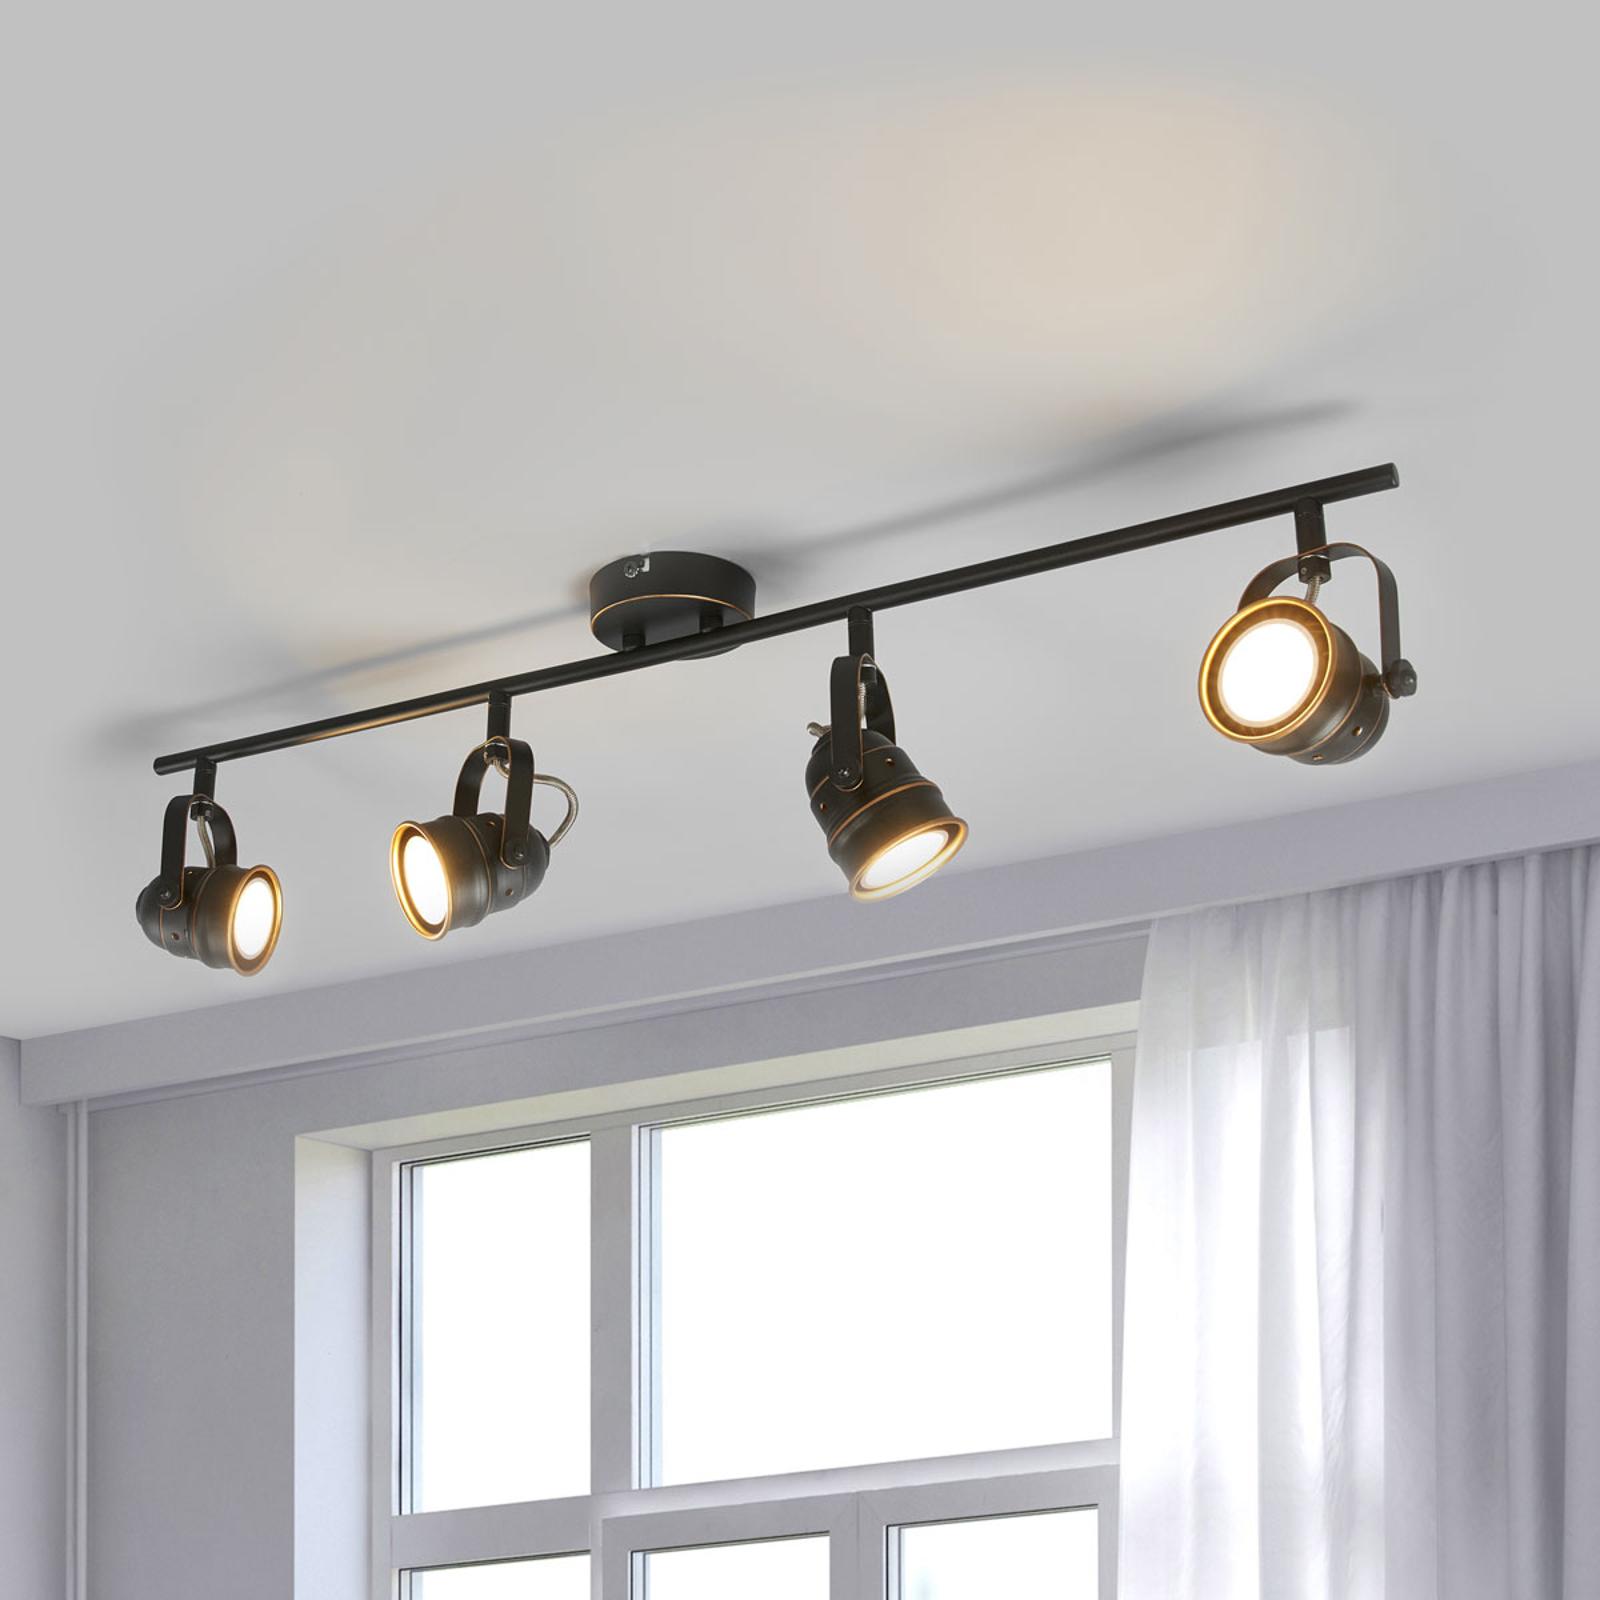 4-lamppuinen LED-kattolamppu Leonor, musta-kulta